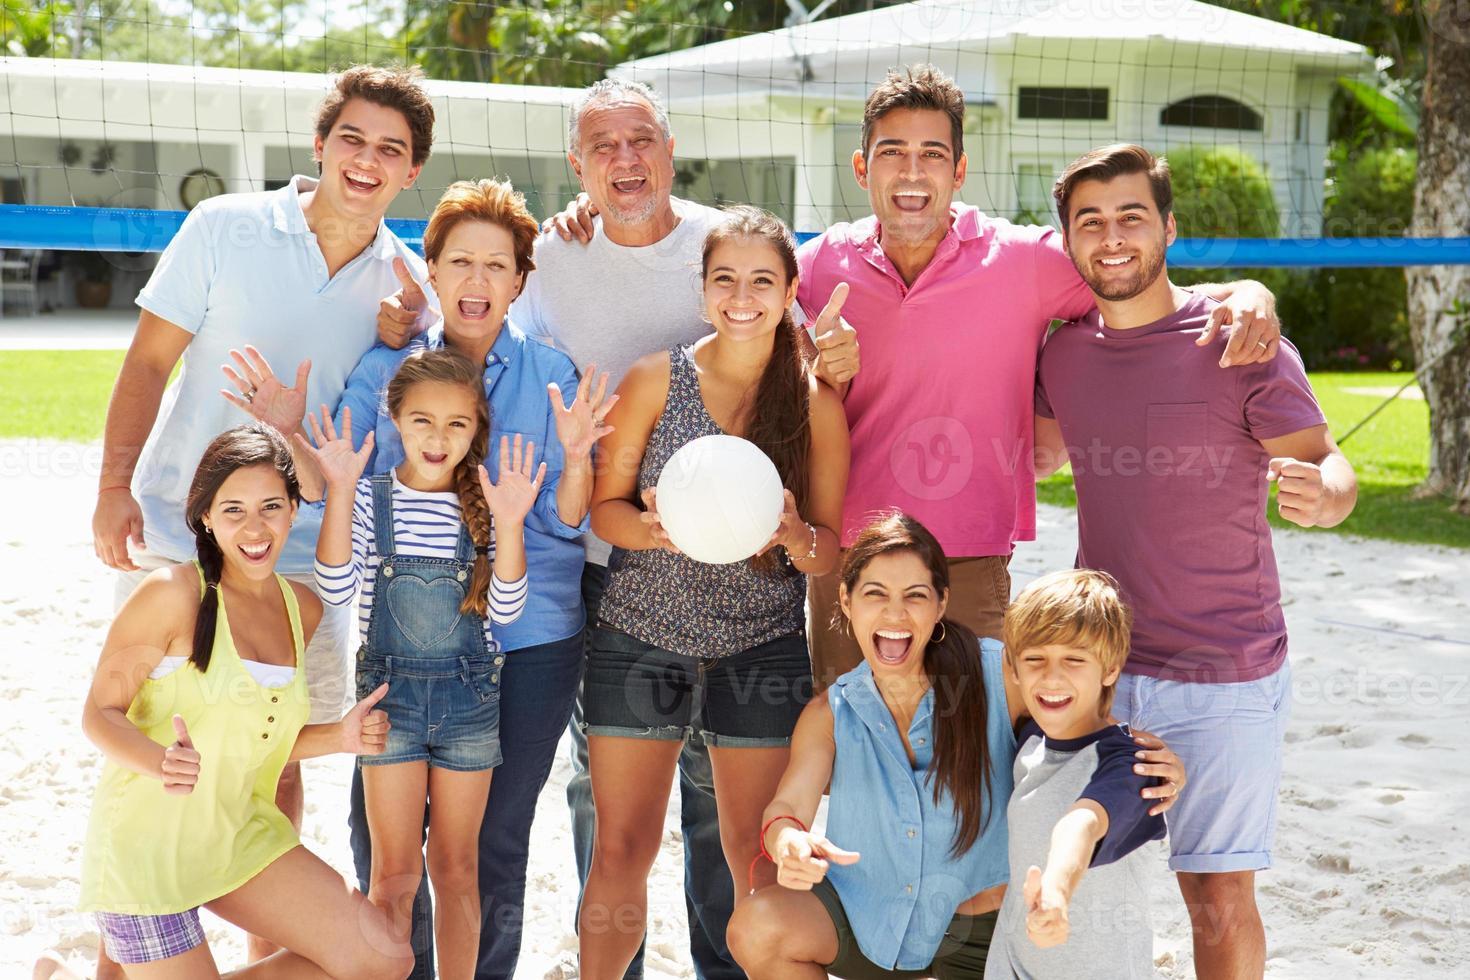 Mehrgenerationenfamilie, die Volleyball im Garten spielt foto